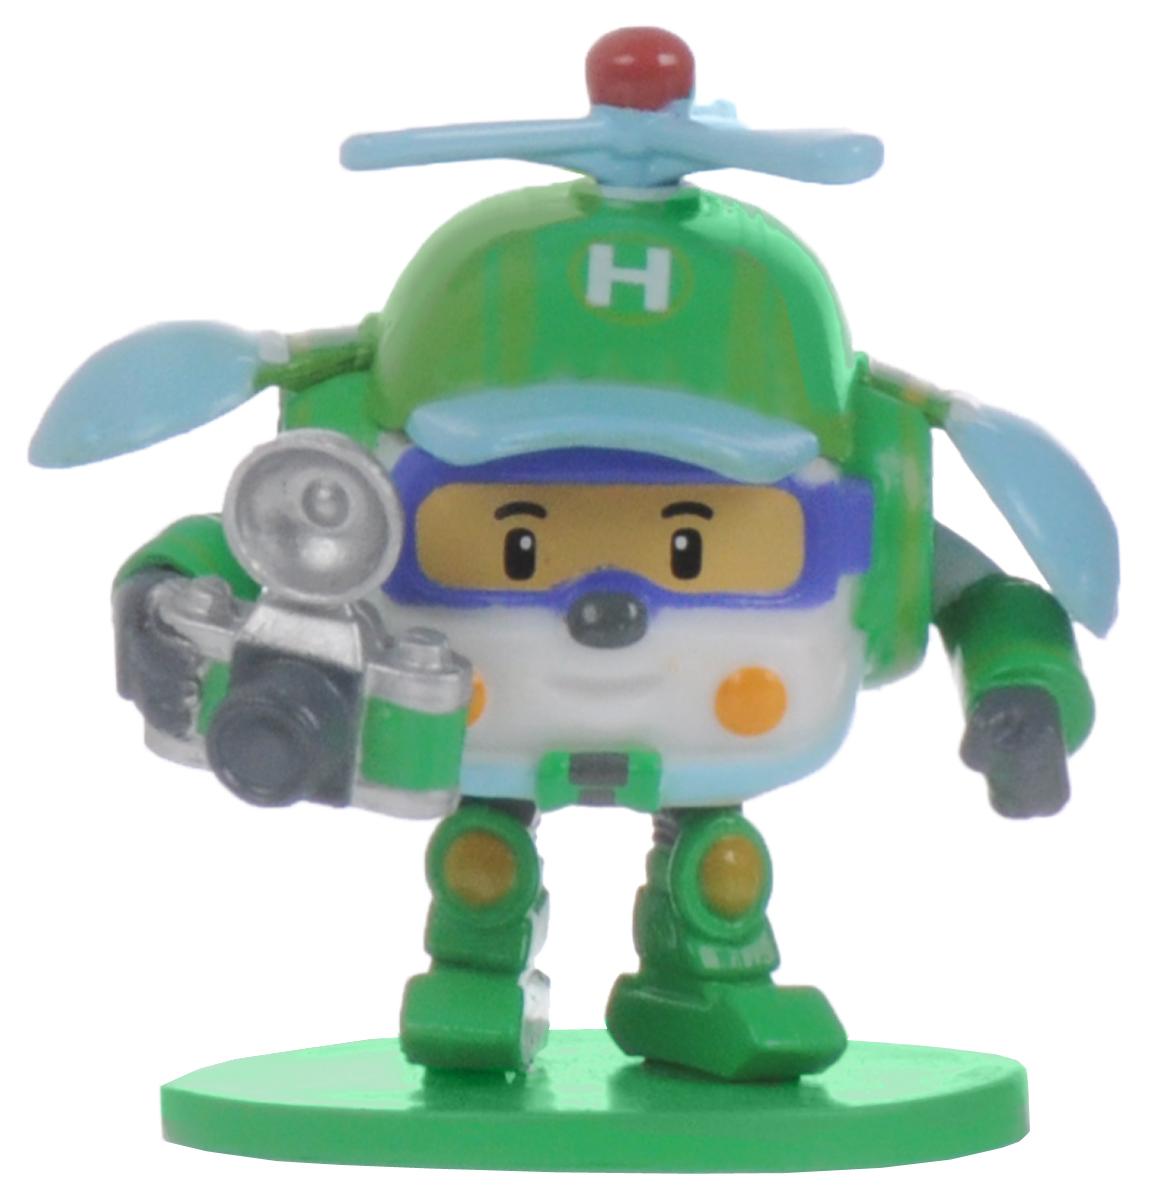 Robocar Poli Мини-фигурка цвет зеленый robocar poli хэли 15см 83193